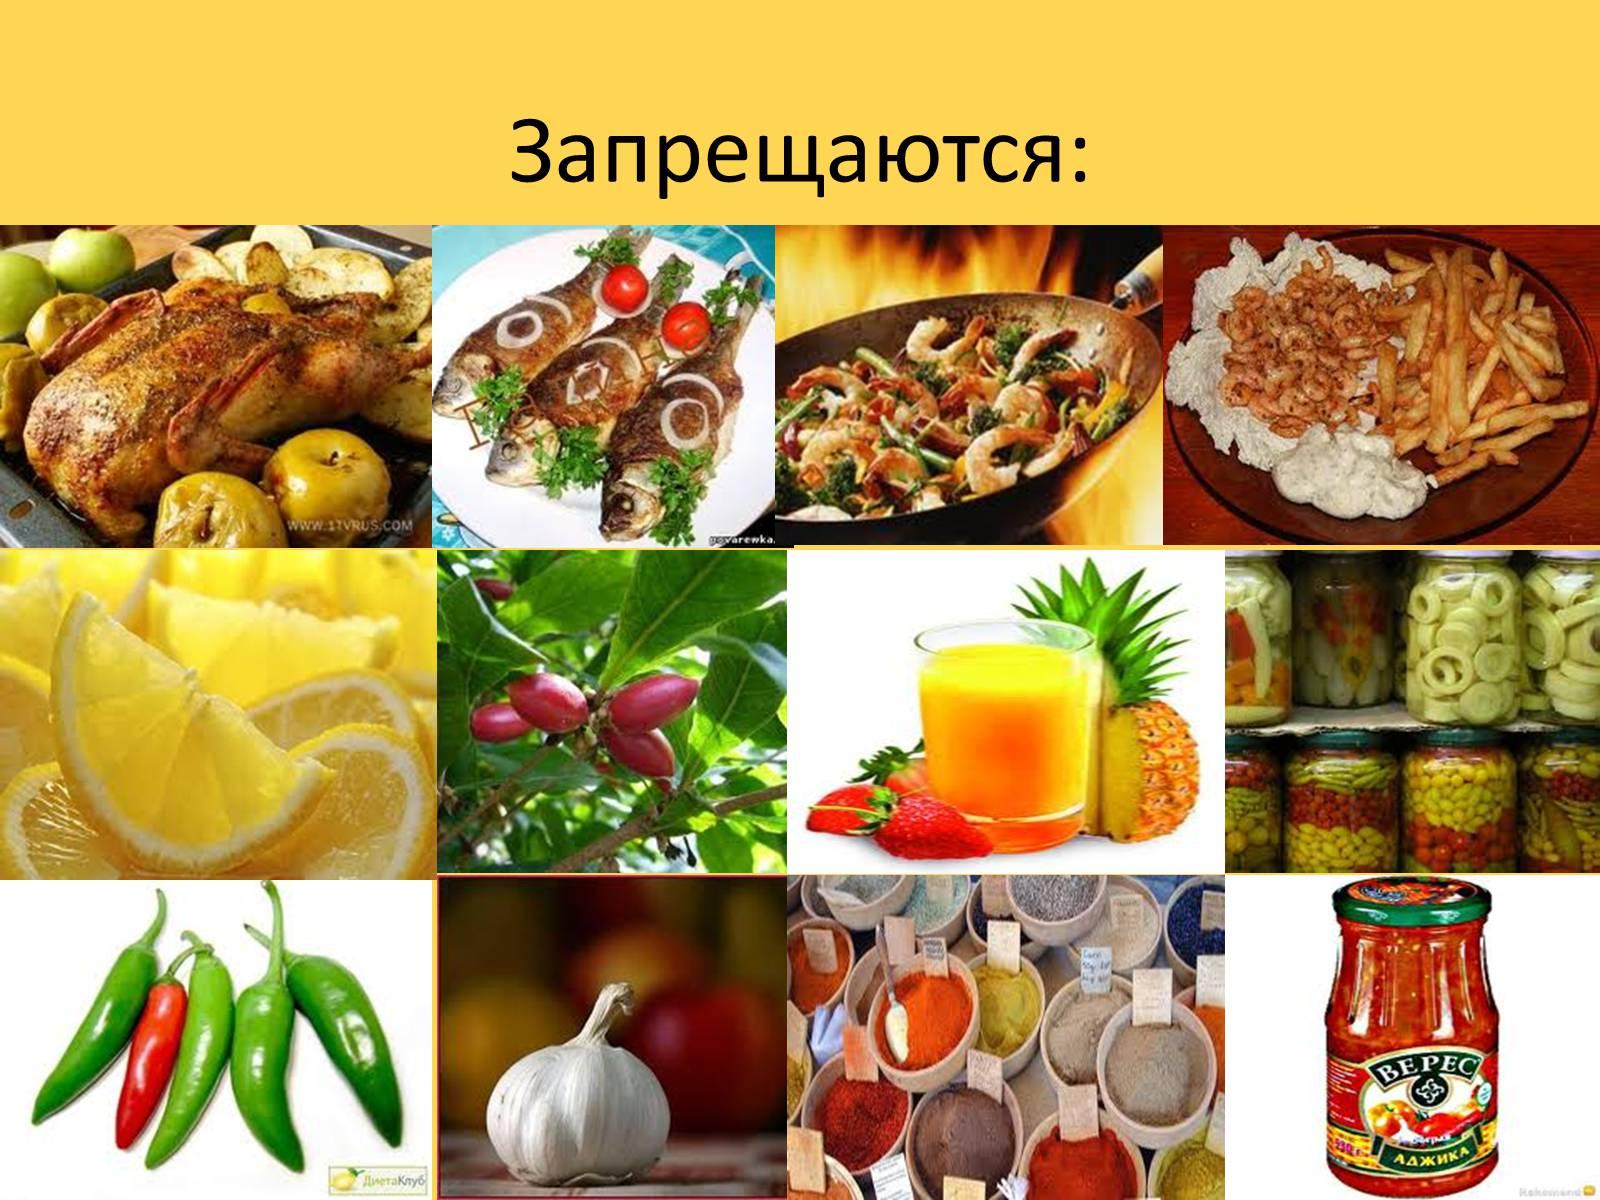 Презентация по медицинским диетам